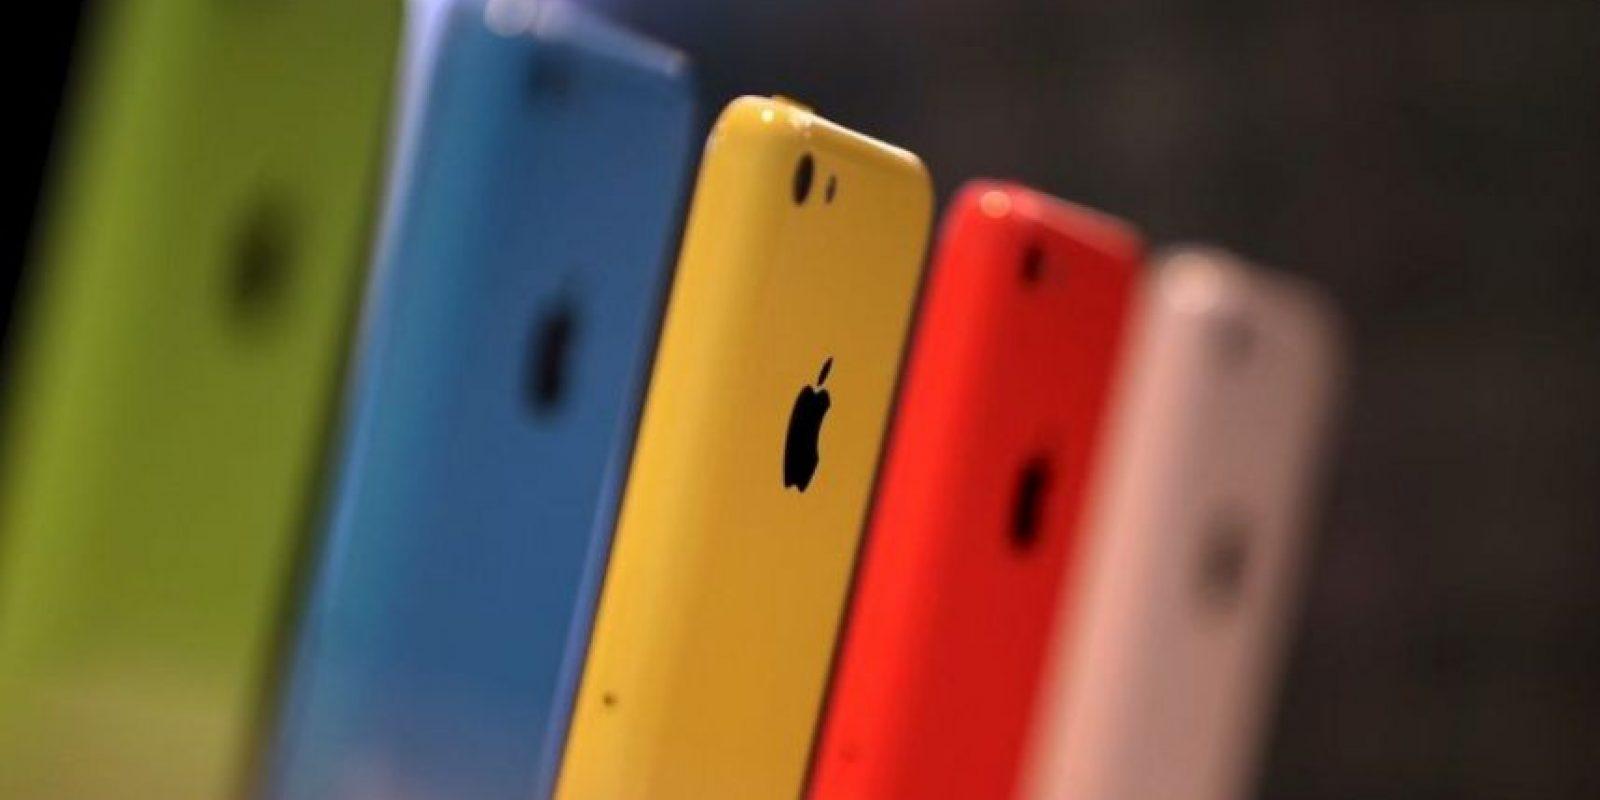 """La adicción al celular recibe el nombre de nomofobia, un término que proviene del anglicismo """"no mobile phone phobia"""". Foto:Getty Images. Imagen Por:"""